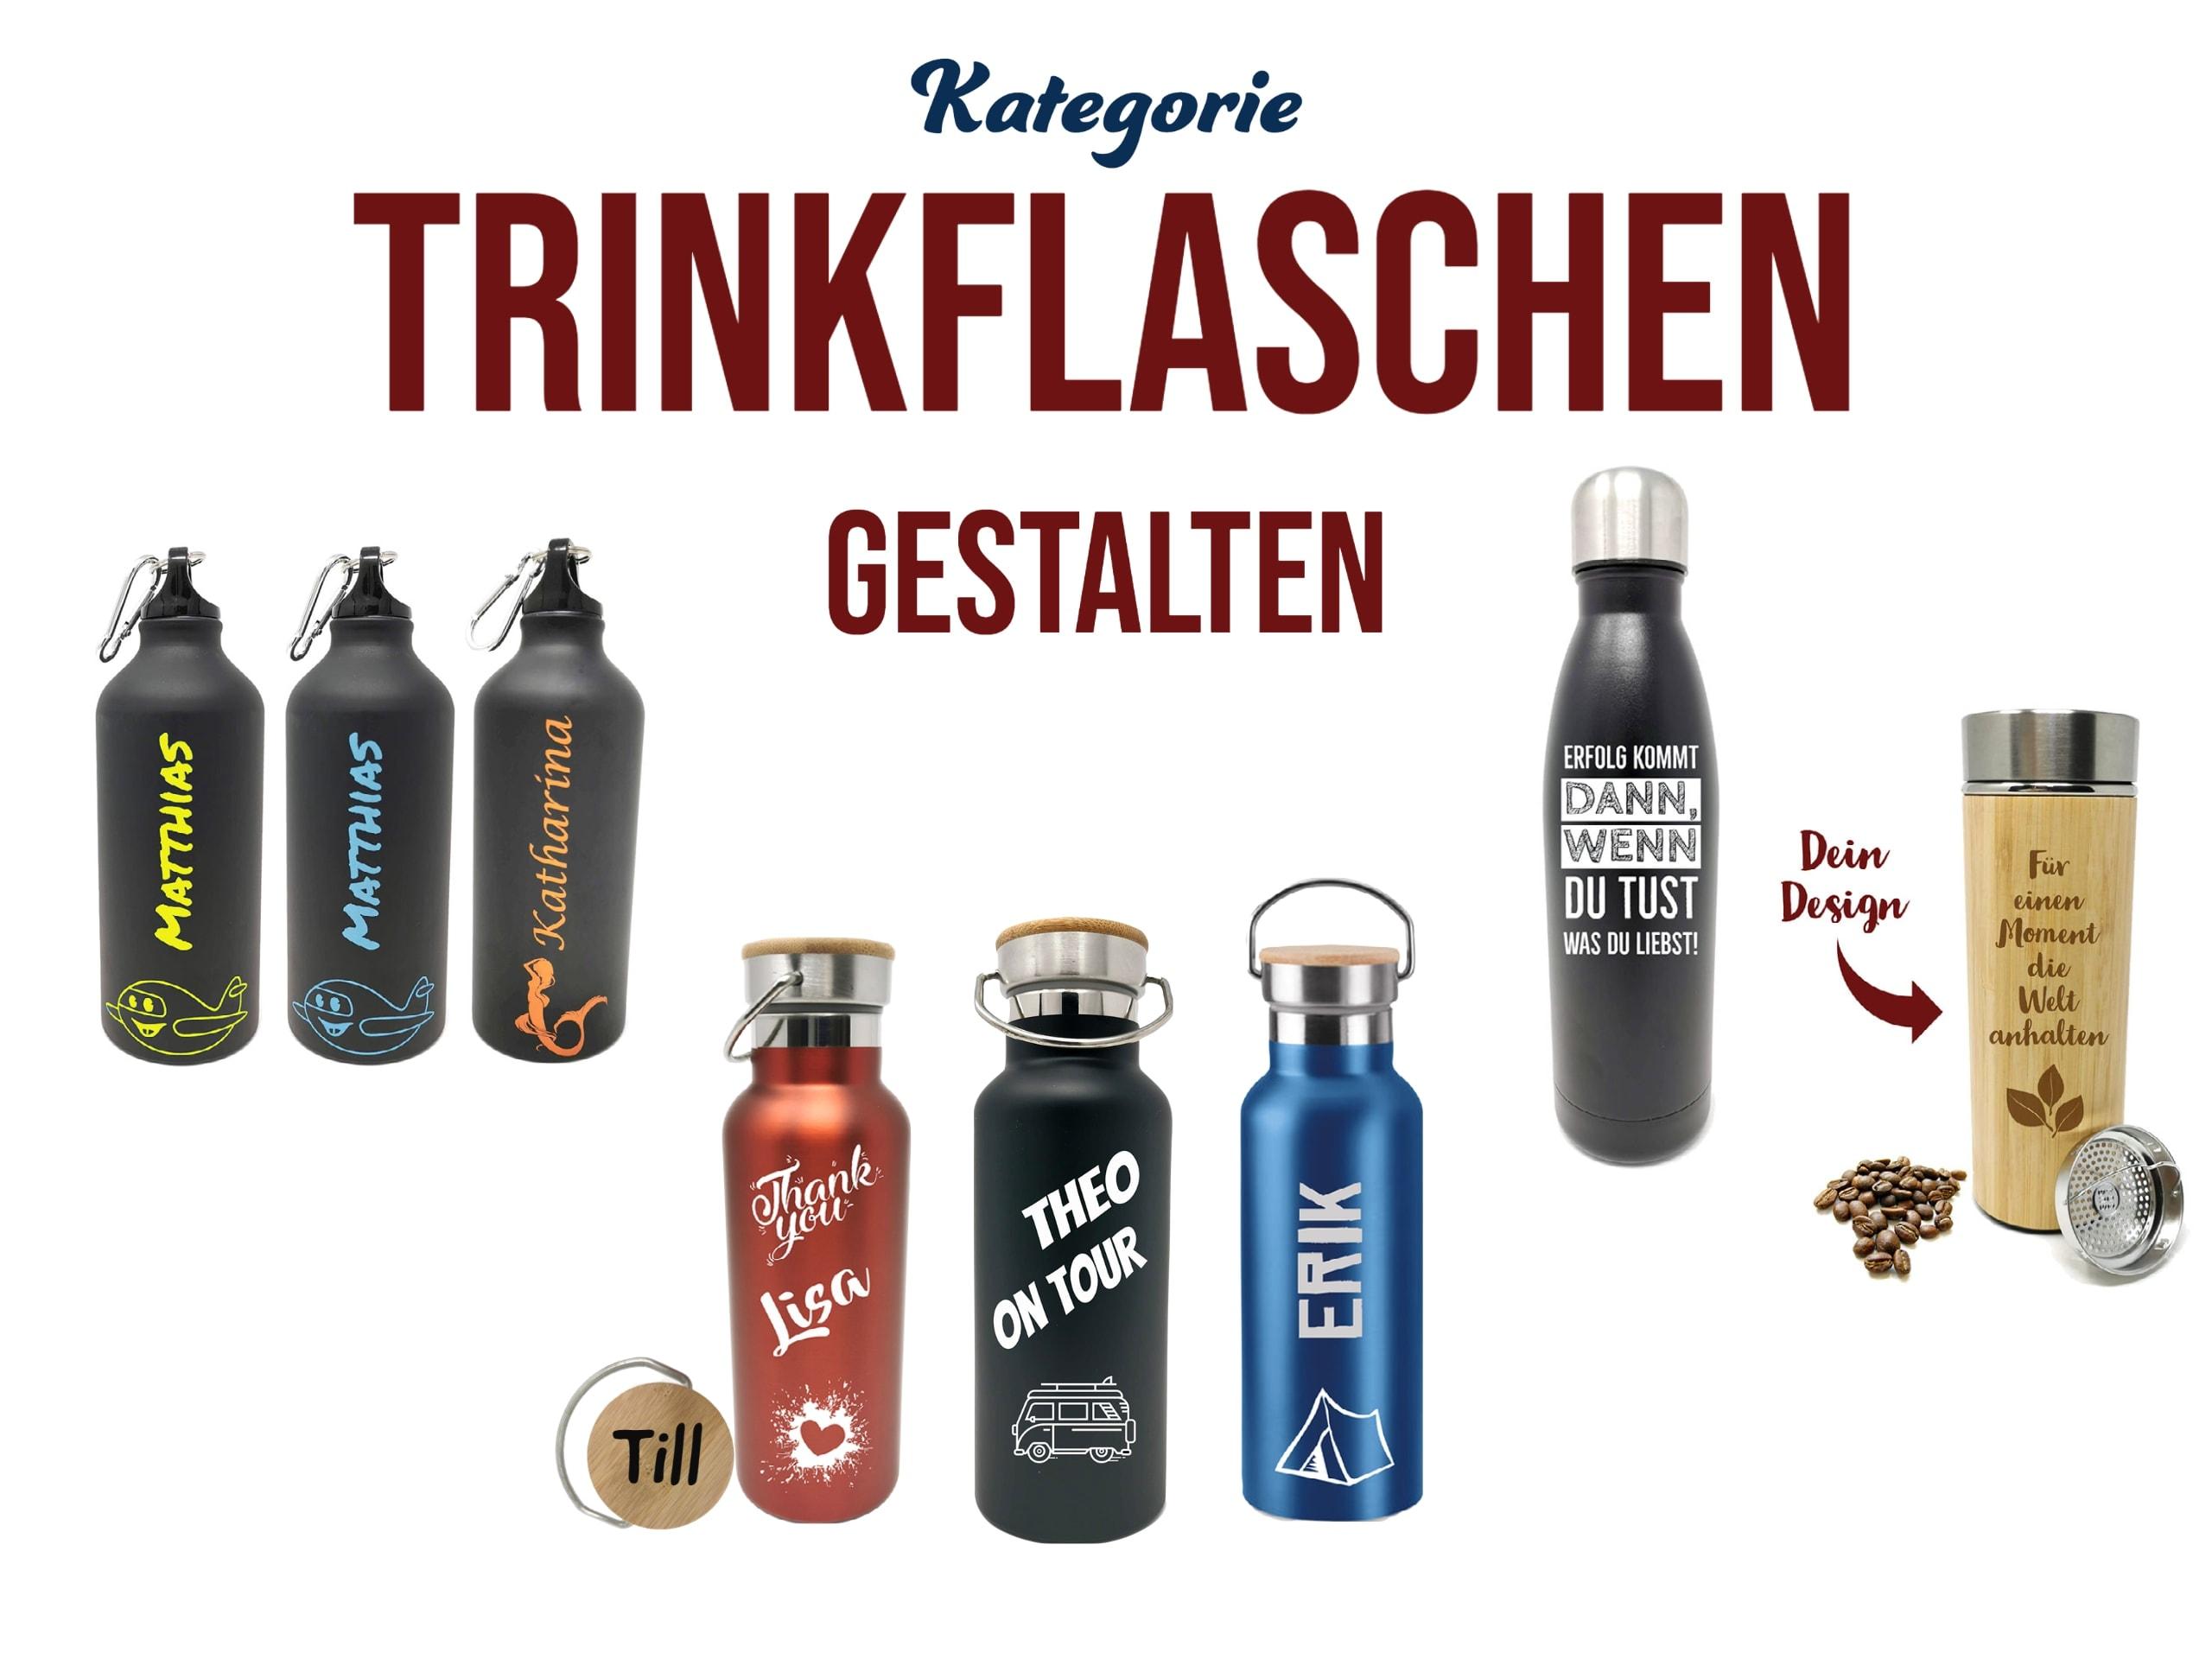 Personalisierte Trinkflaschen mit Gravur gestalten personalisiertes Geschenk